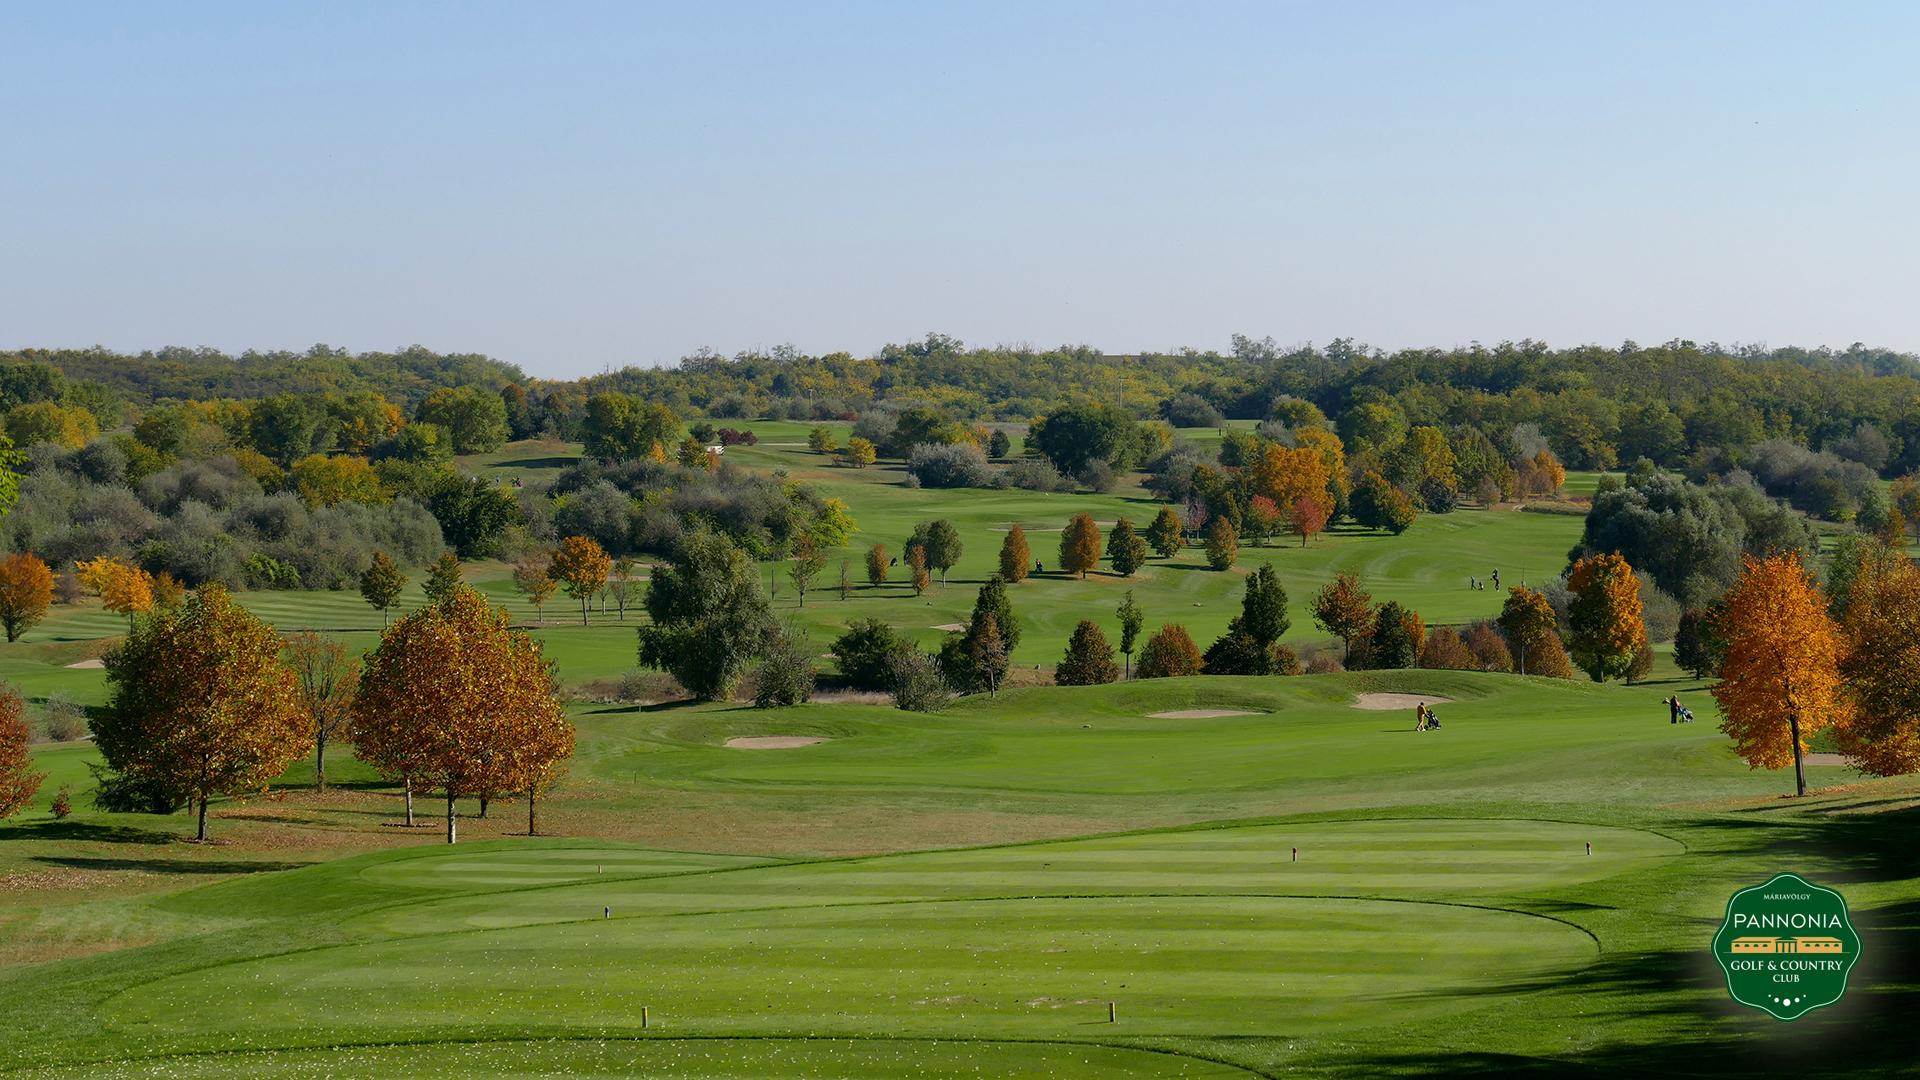 لعب الغولف في المجر